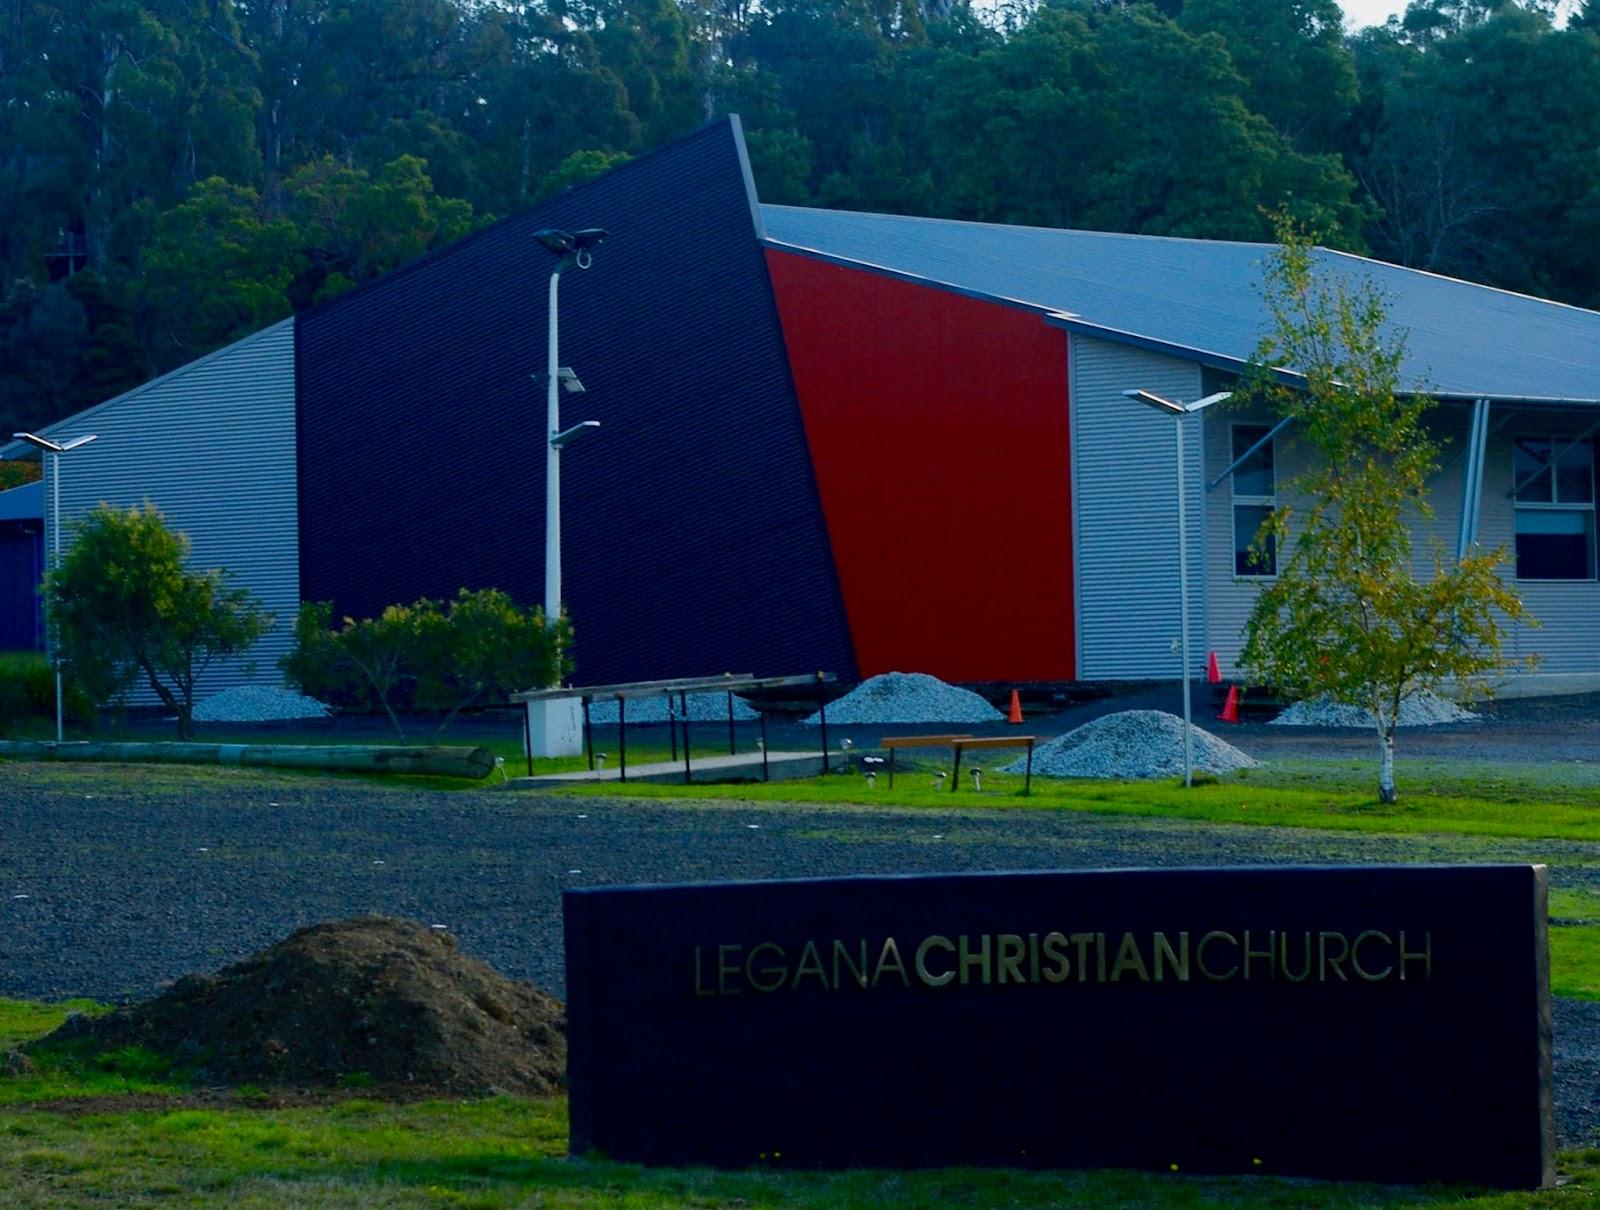 Churches of Tasmania: No  422 - The Legana Christian Church